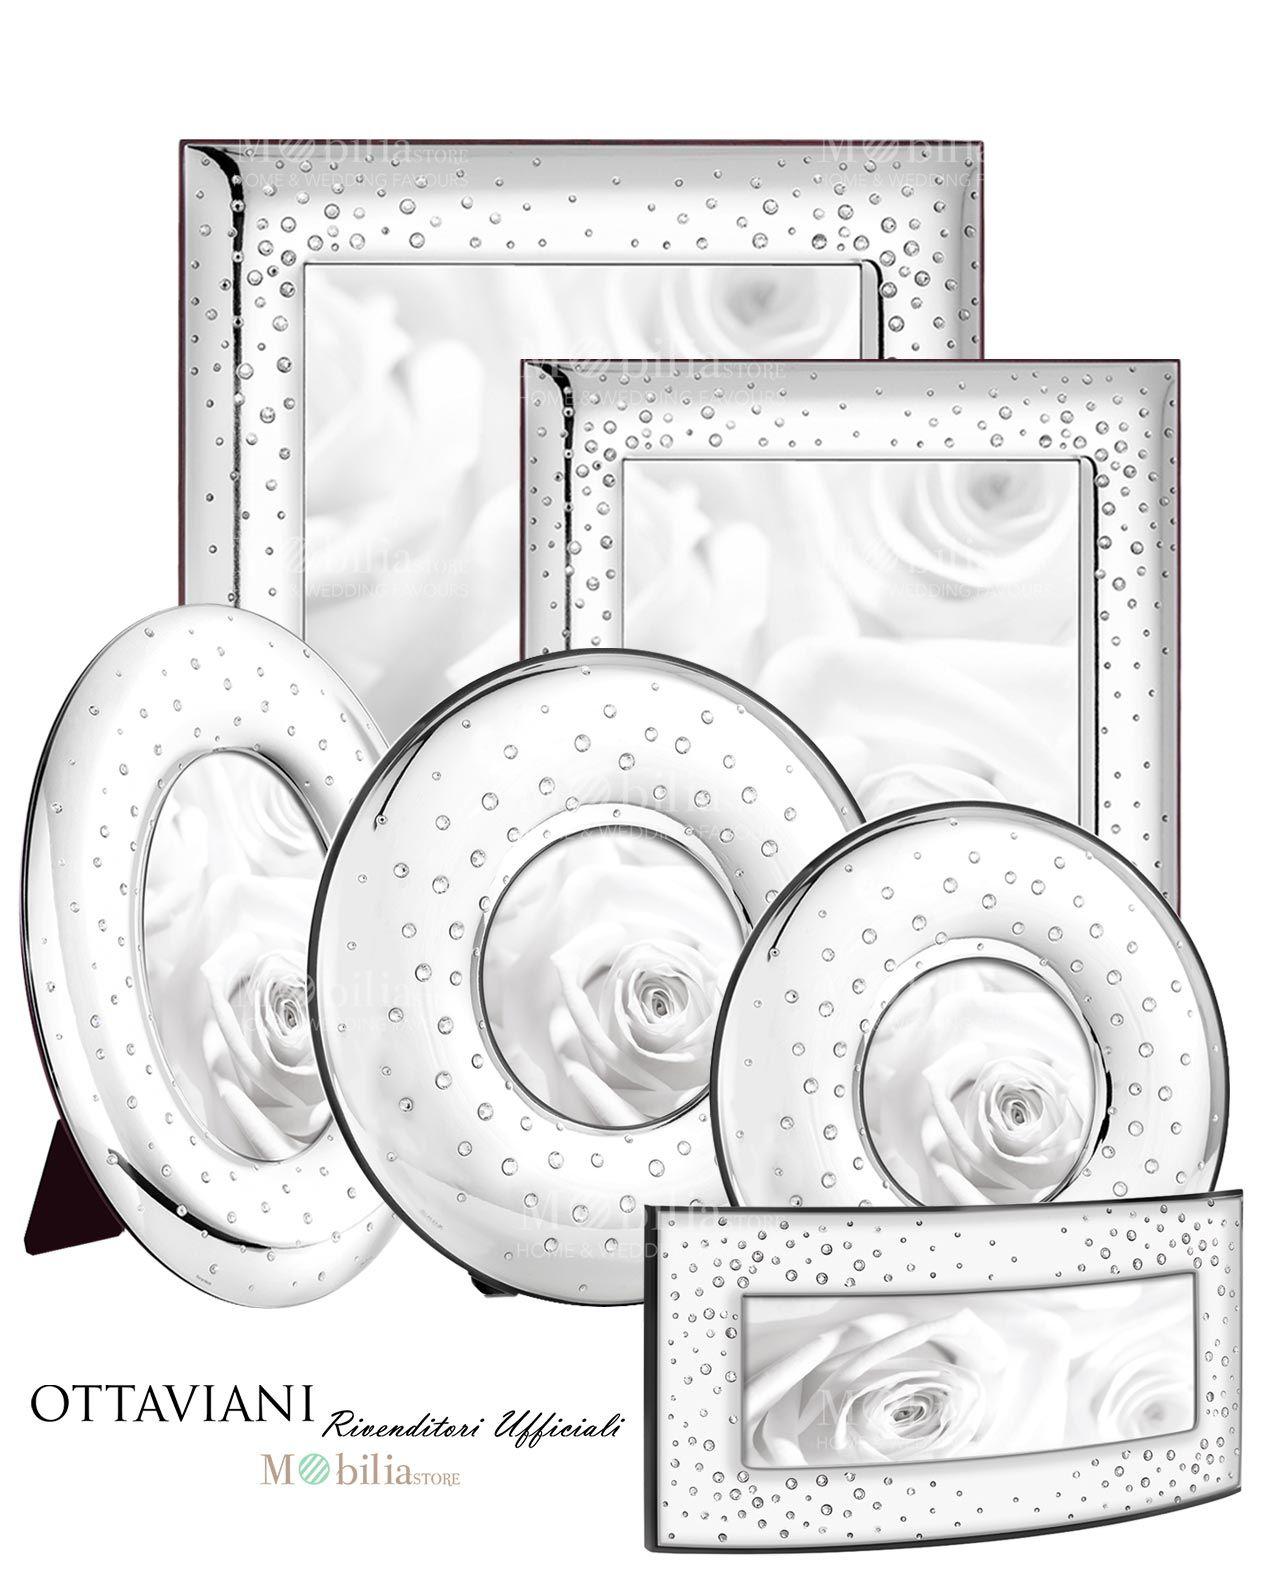 Comprare Cornici Per Foto.Cornici Con Cristalli Ottaviani In Argento 925 Ed